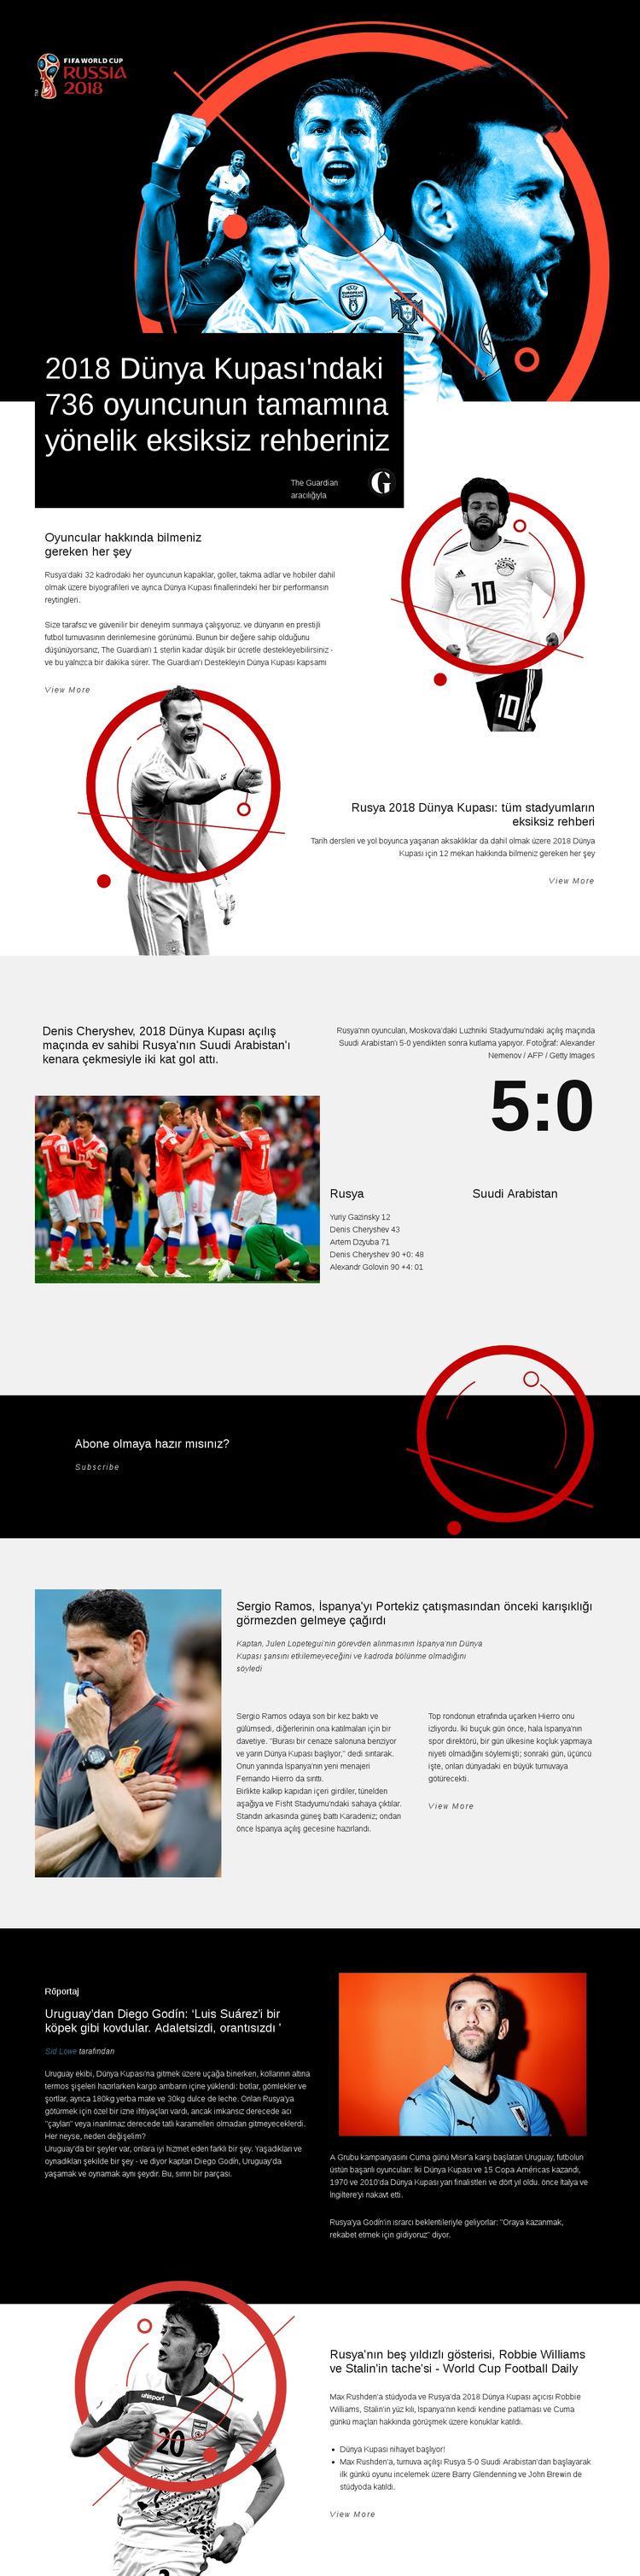 Dünya Kupası 2018 Web Sitesi Şablonu